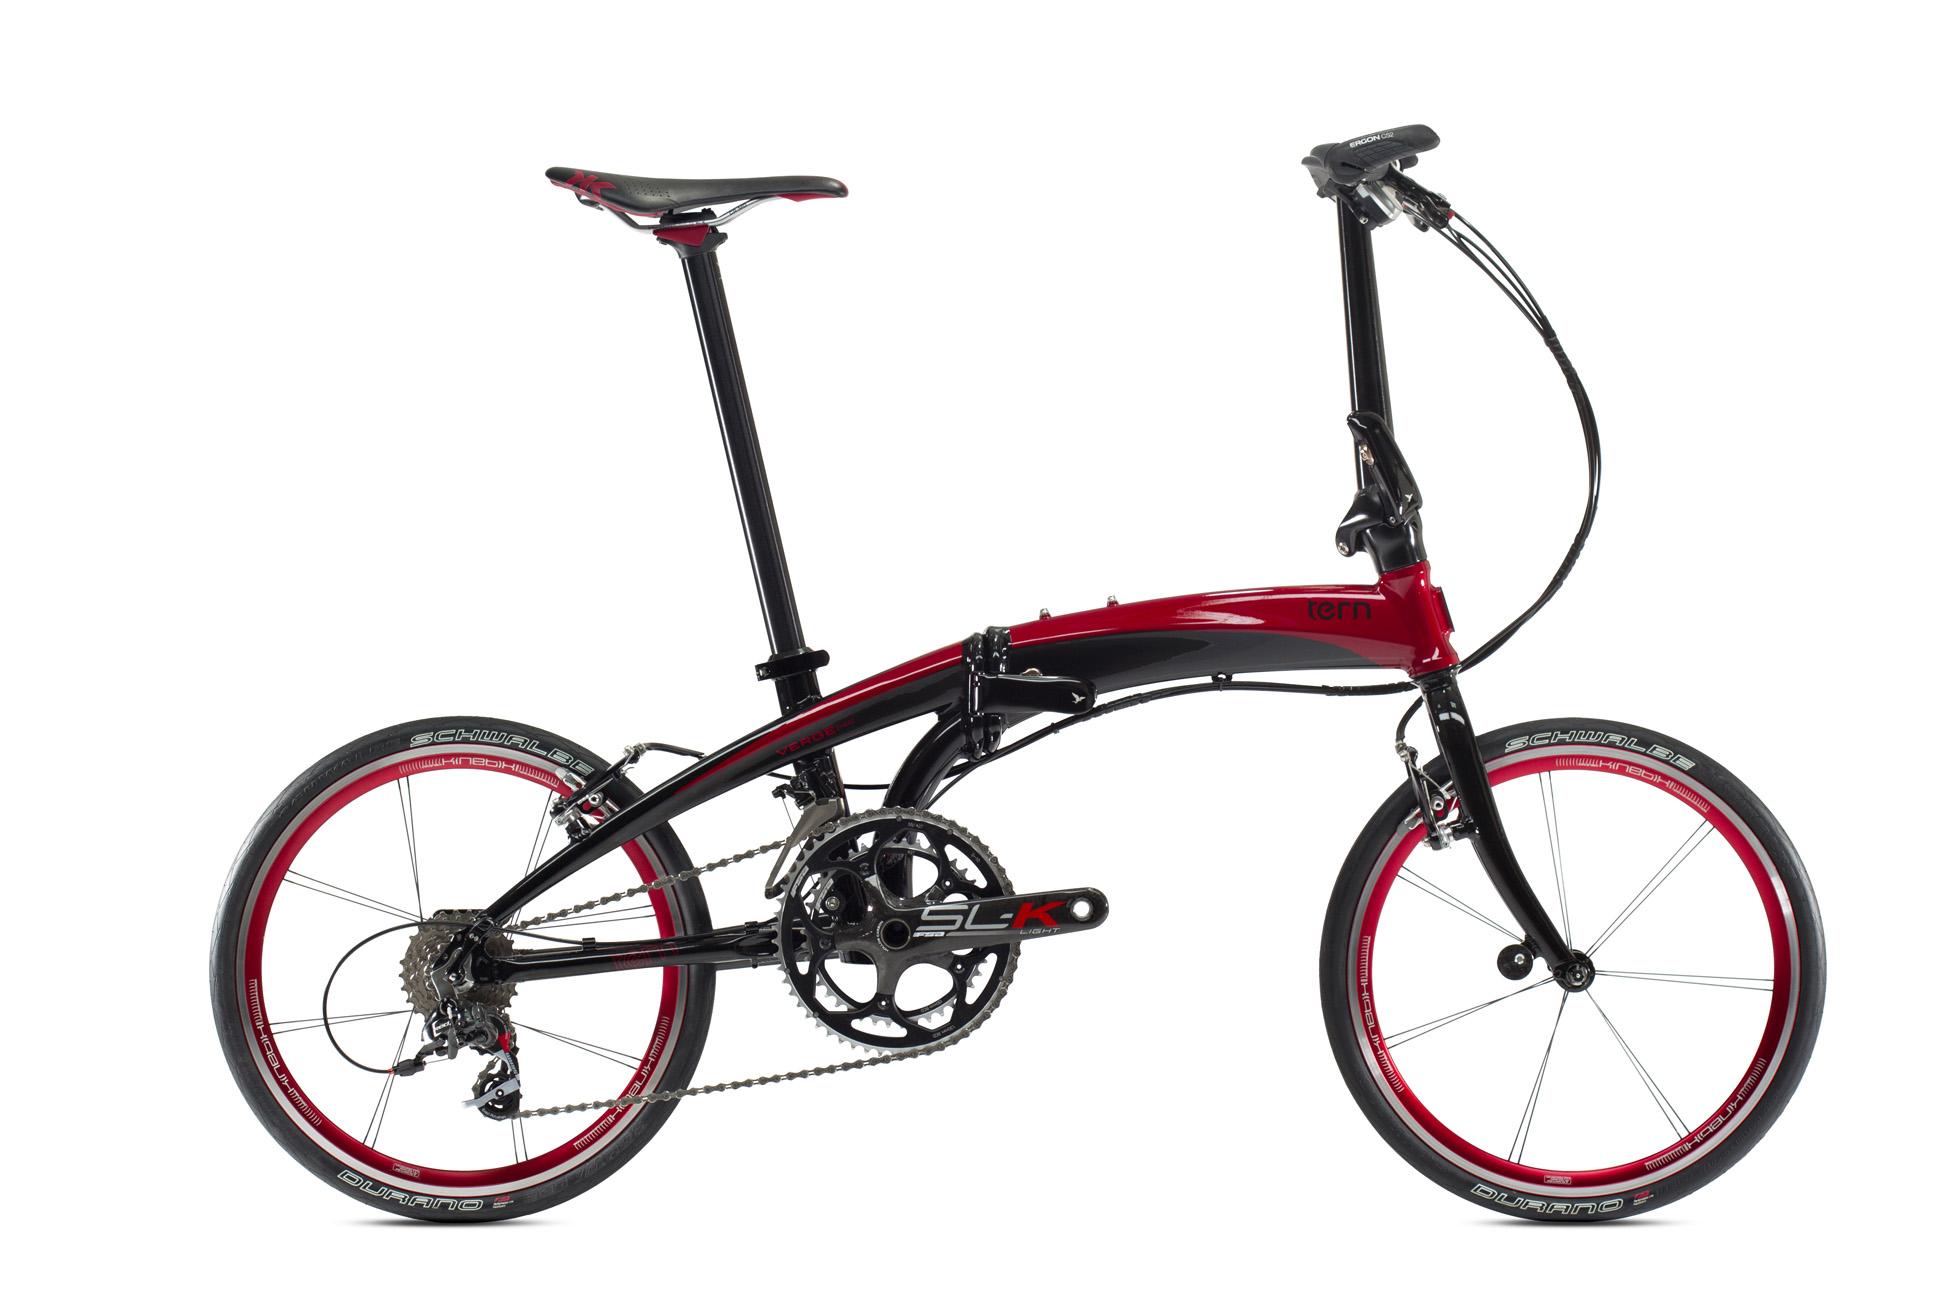 tern folding bikes from myr1 860 onwards. Black Bedroom Furniture Sets. Home Design Ideas